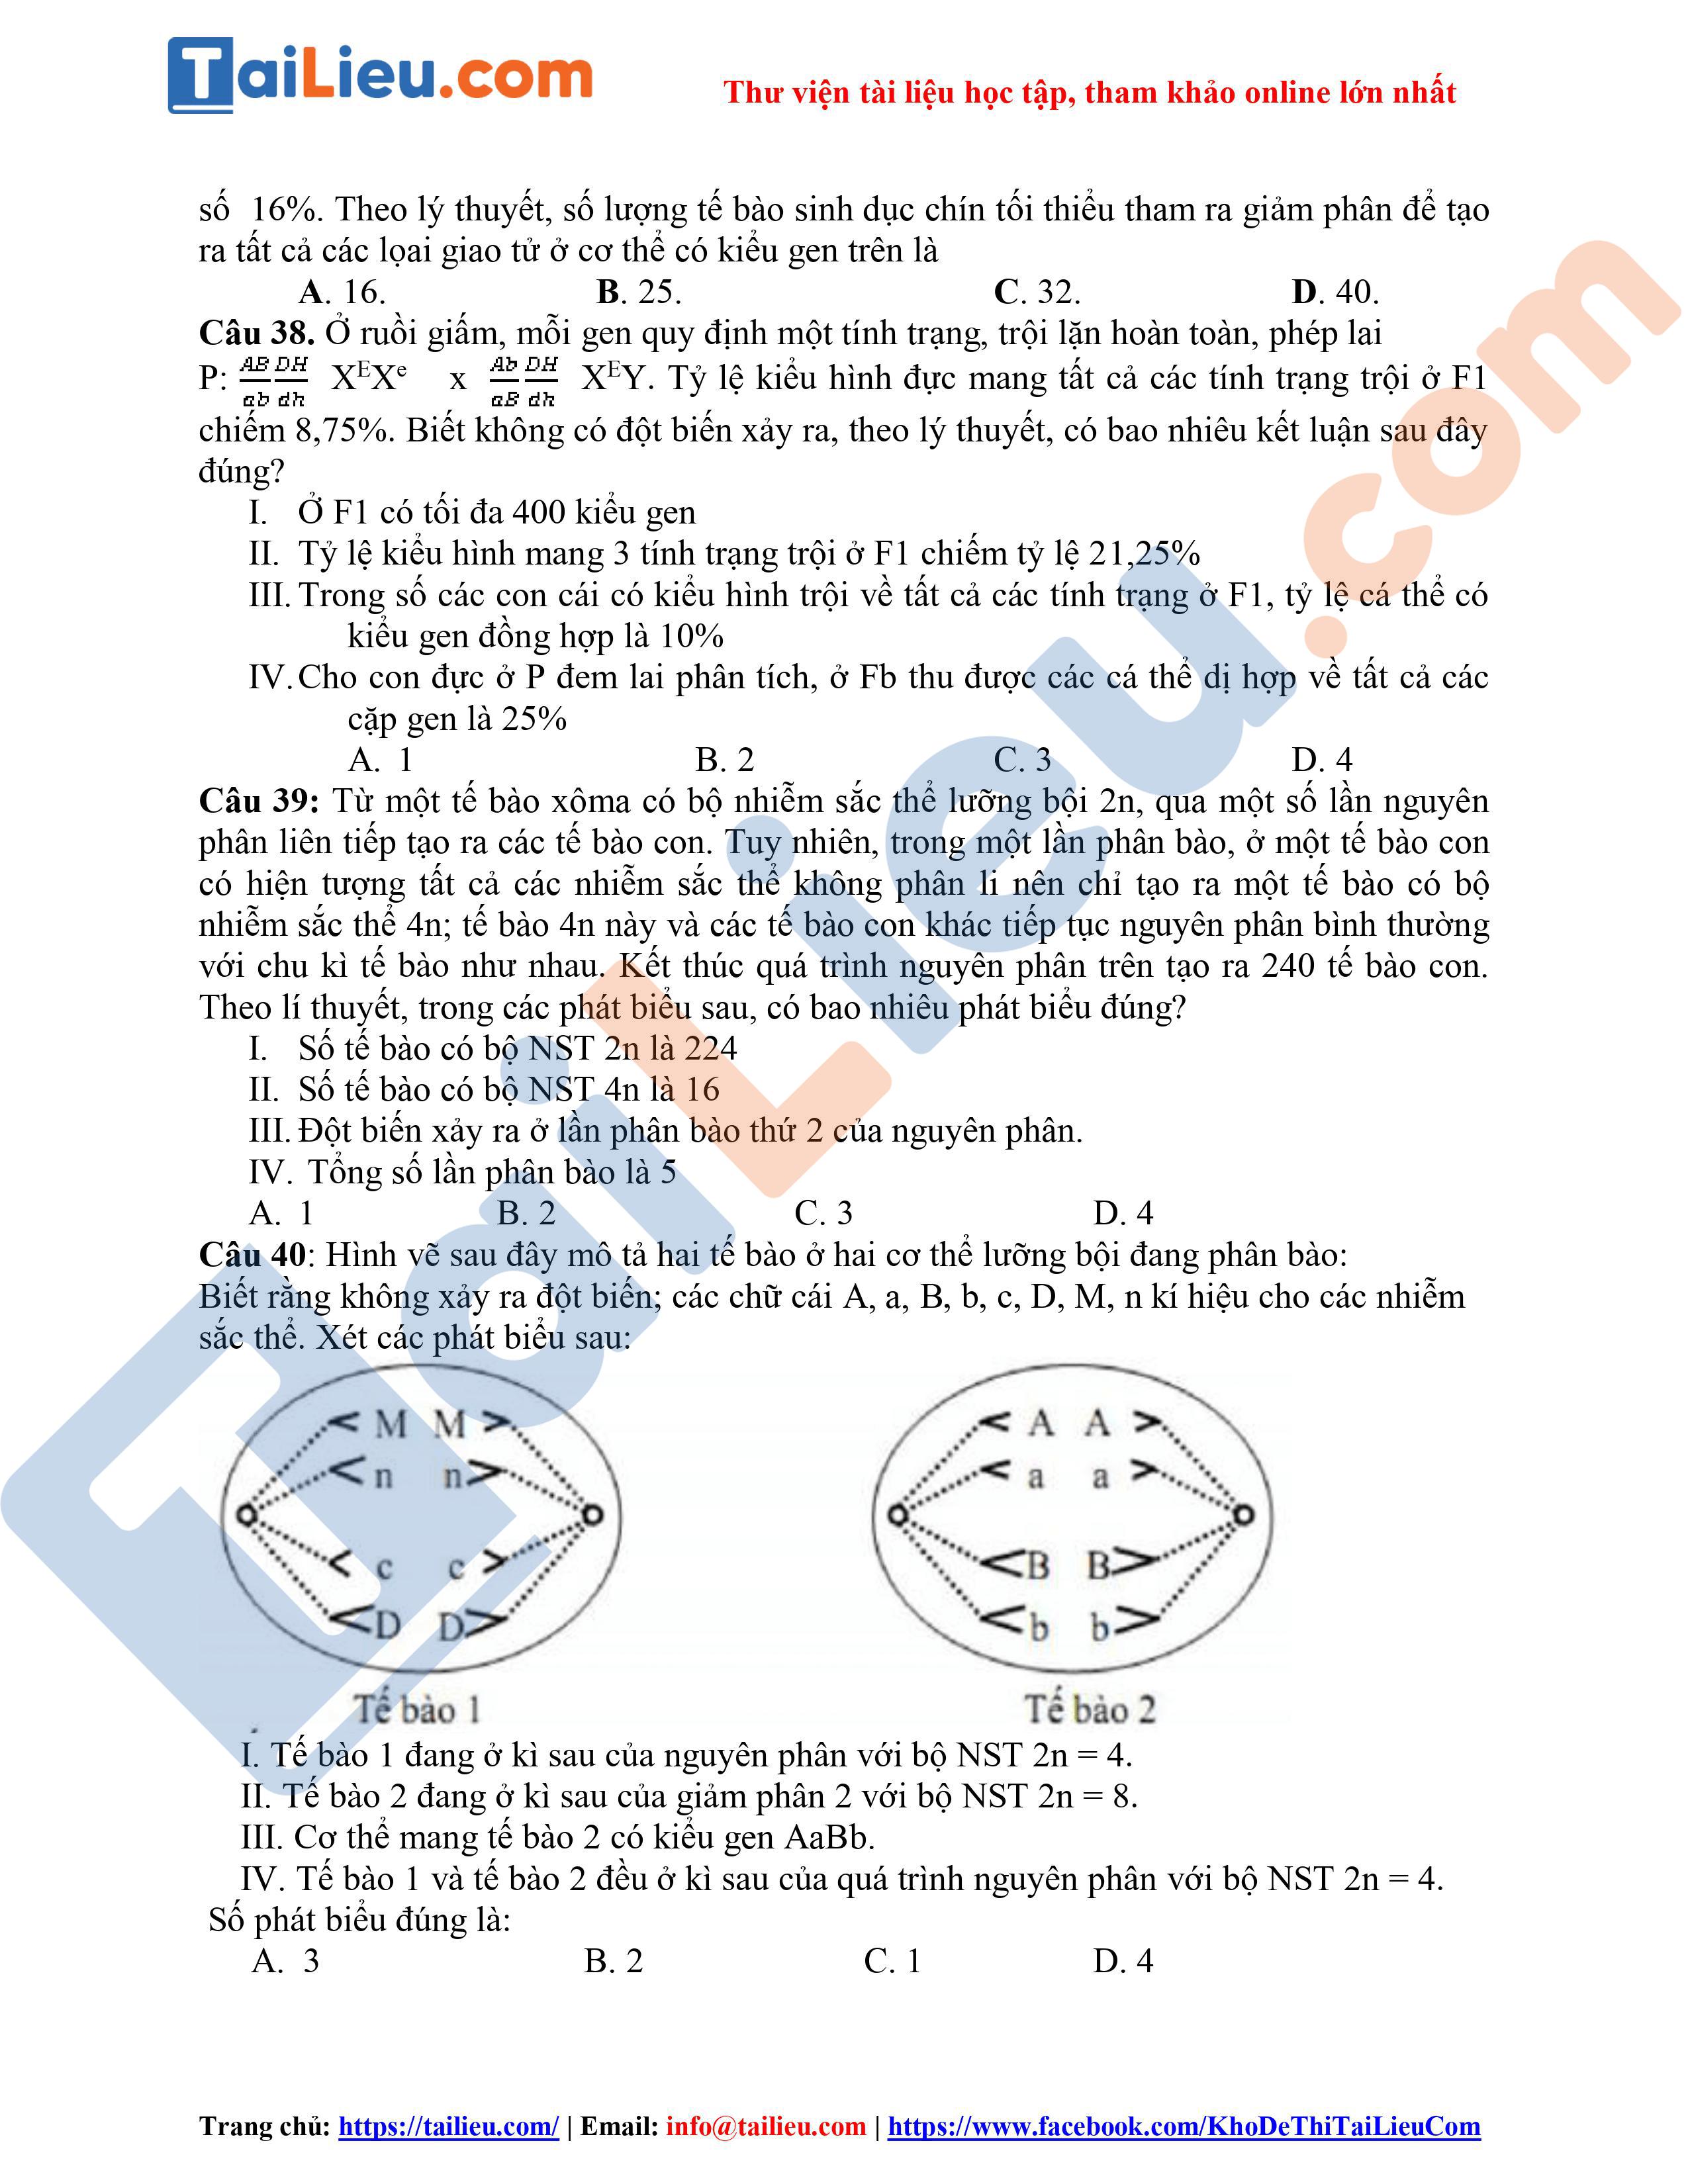 Đáp án Đề thi thử THPT Quốc gia 2020 môn Sinh Trường Hồng Lĩnh (Lần 1)